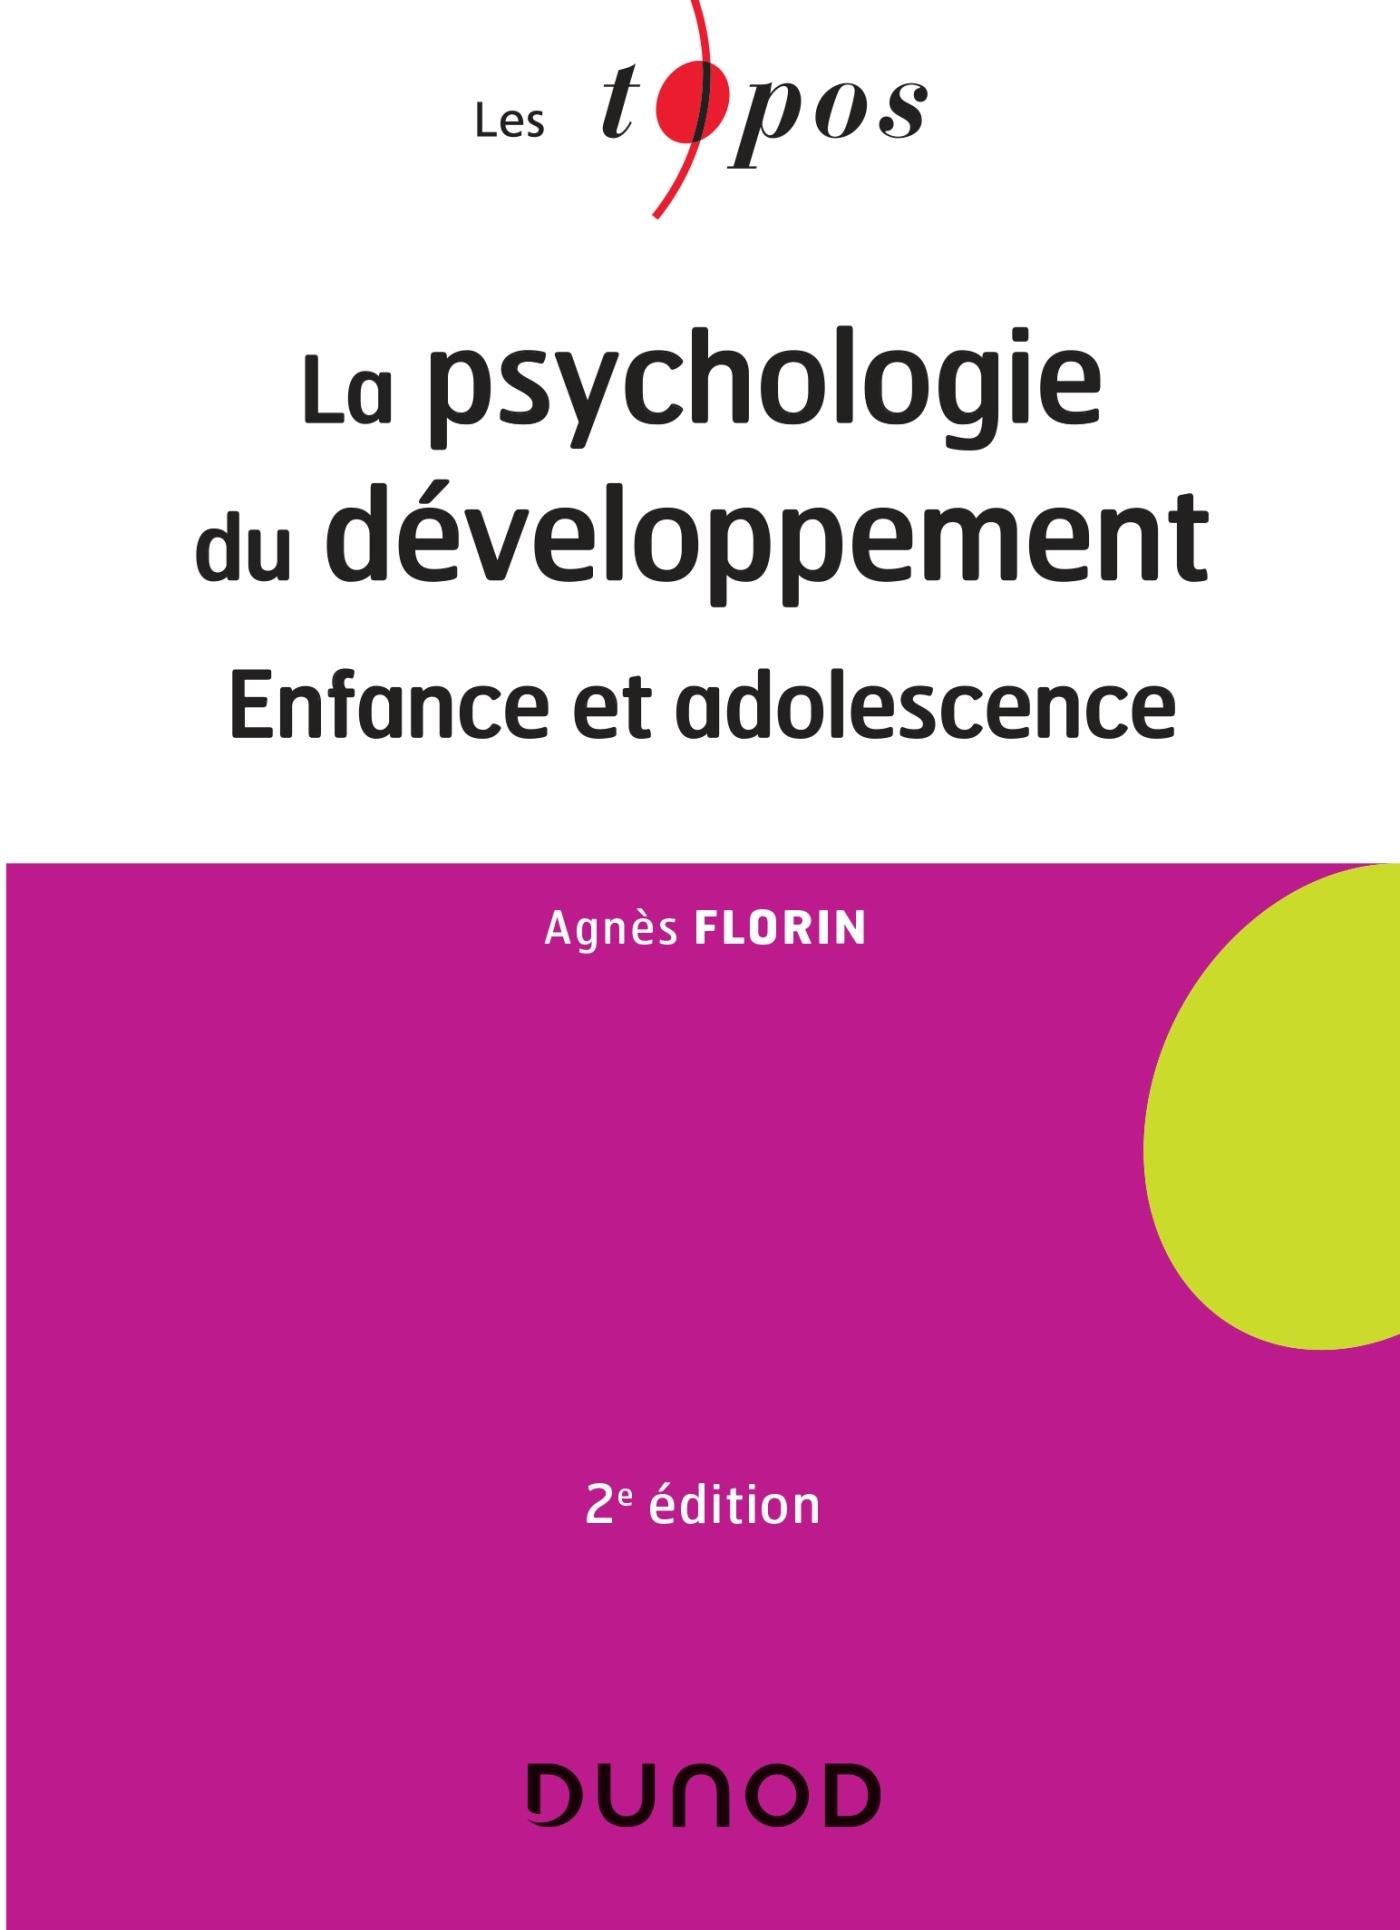 TOPOS COGNITIF - T01 - LA PSYCHOLOGIE DU DEVELOPPEMENT - 2 ED. - ENFANCE ET ADOLESCENCE